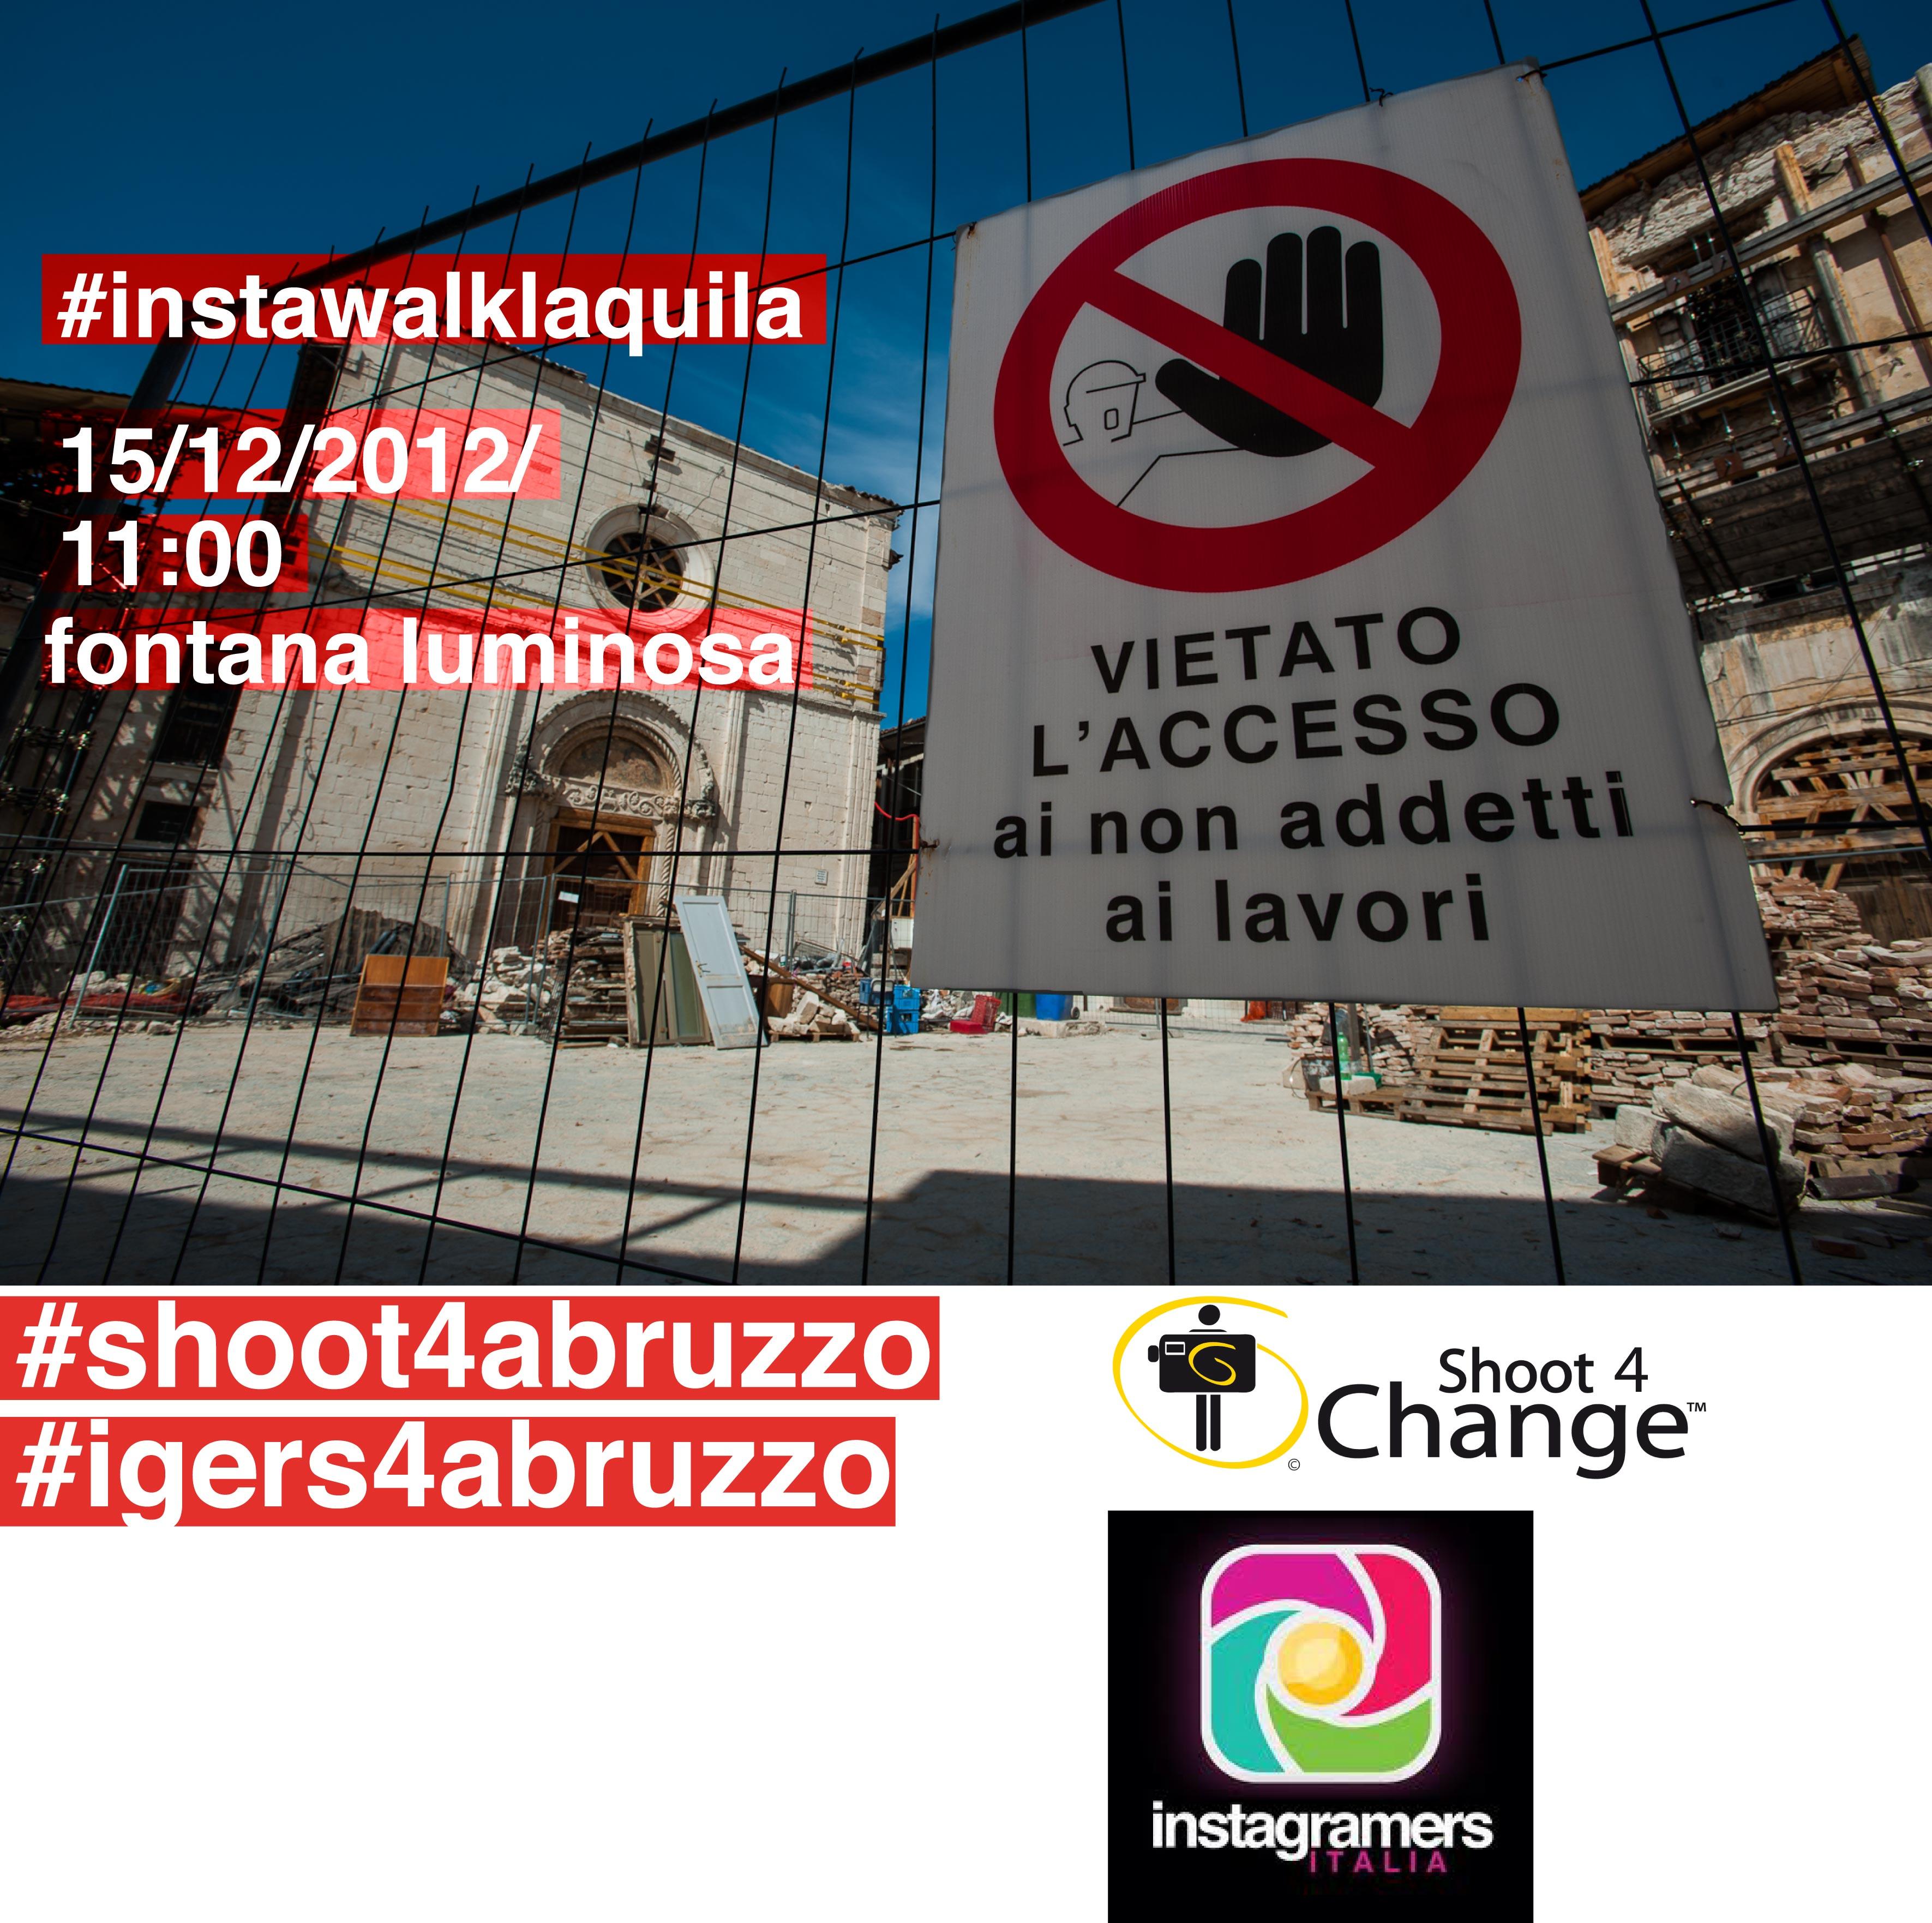 Instawalk fotografico a L'Aquila per raccontare il post terremoto